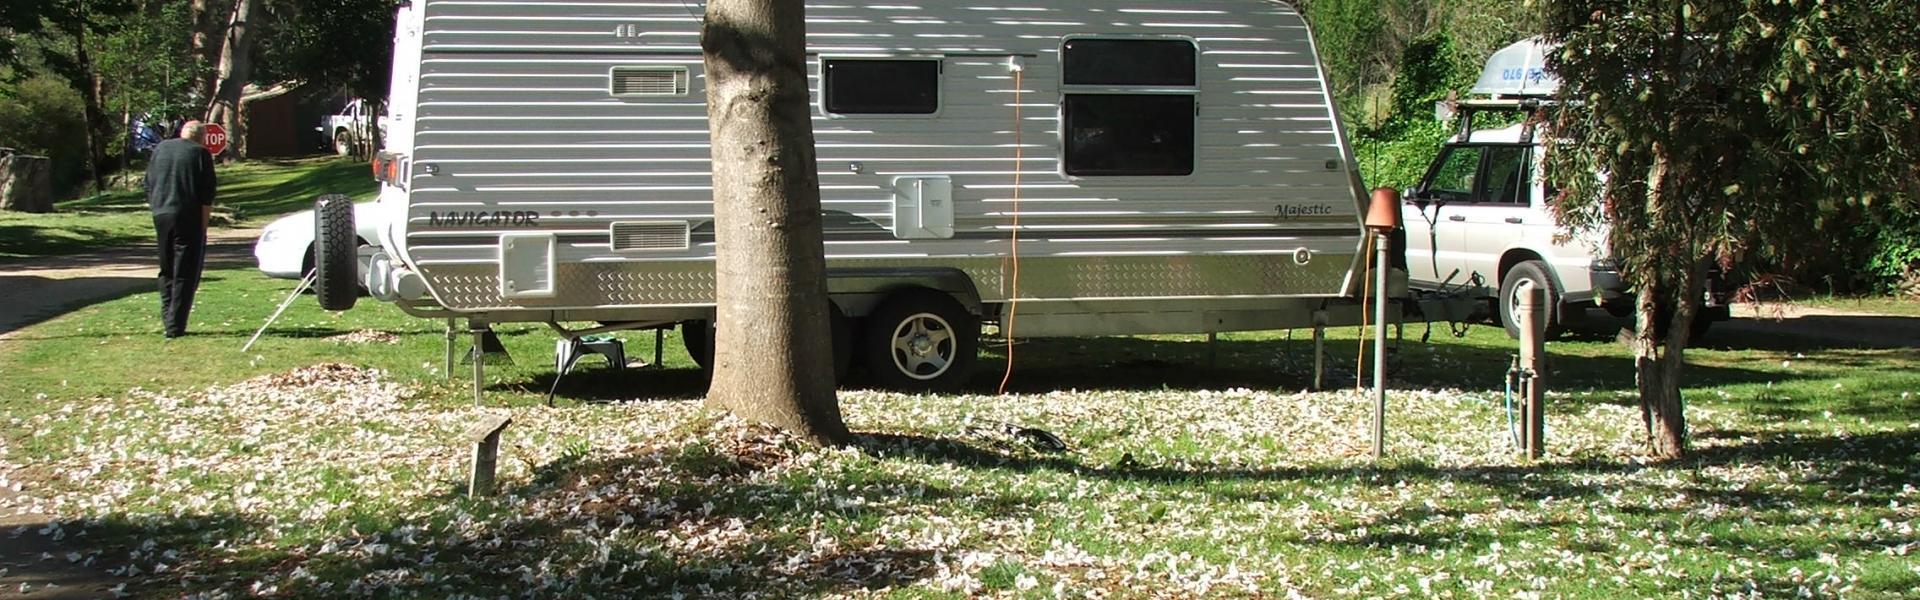 Vans for sale | Riverview Caravan Park